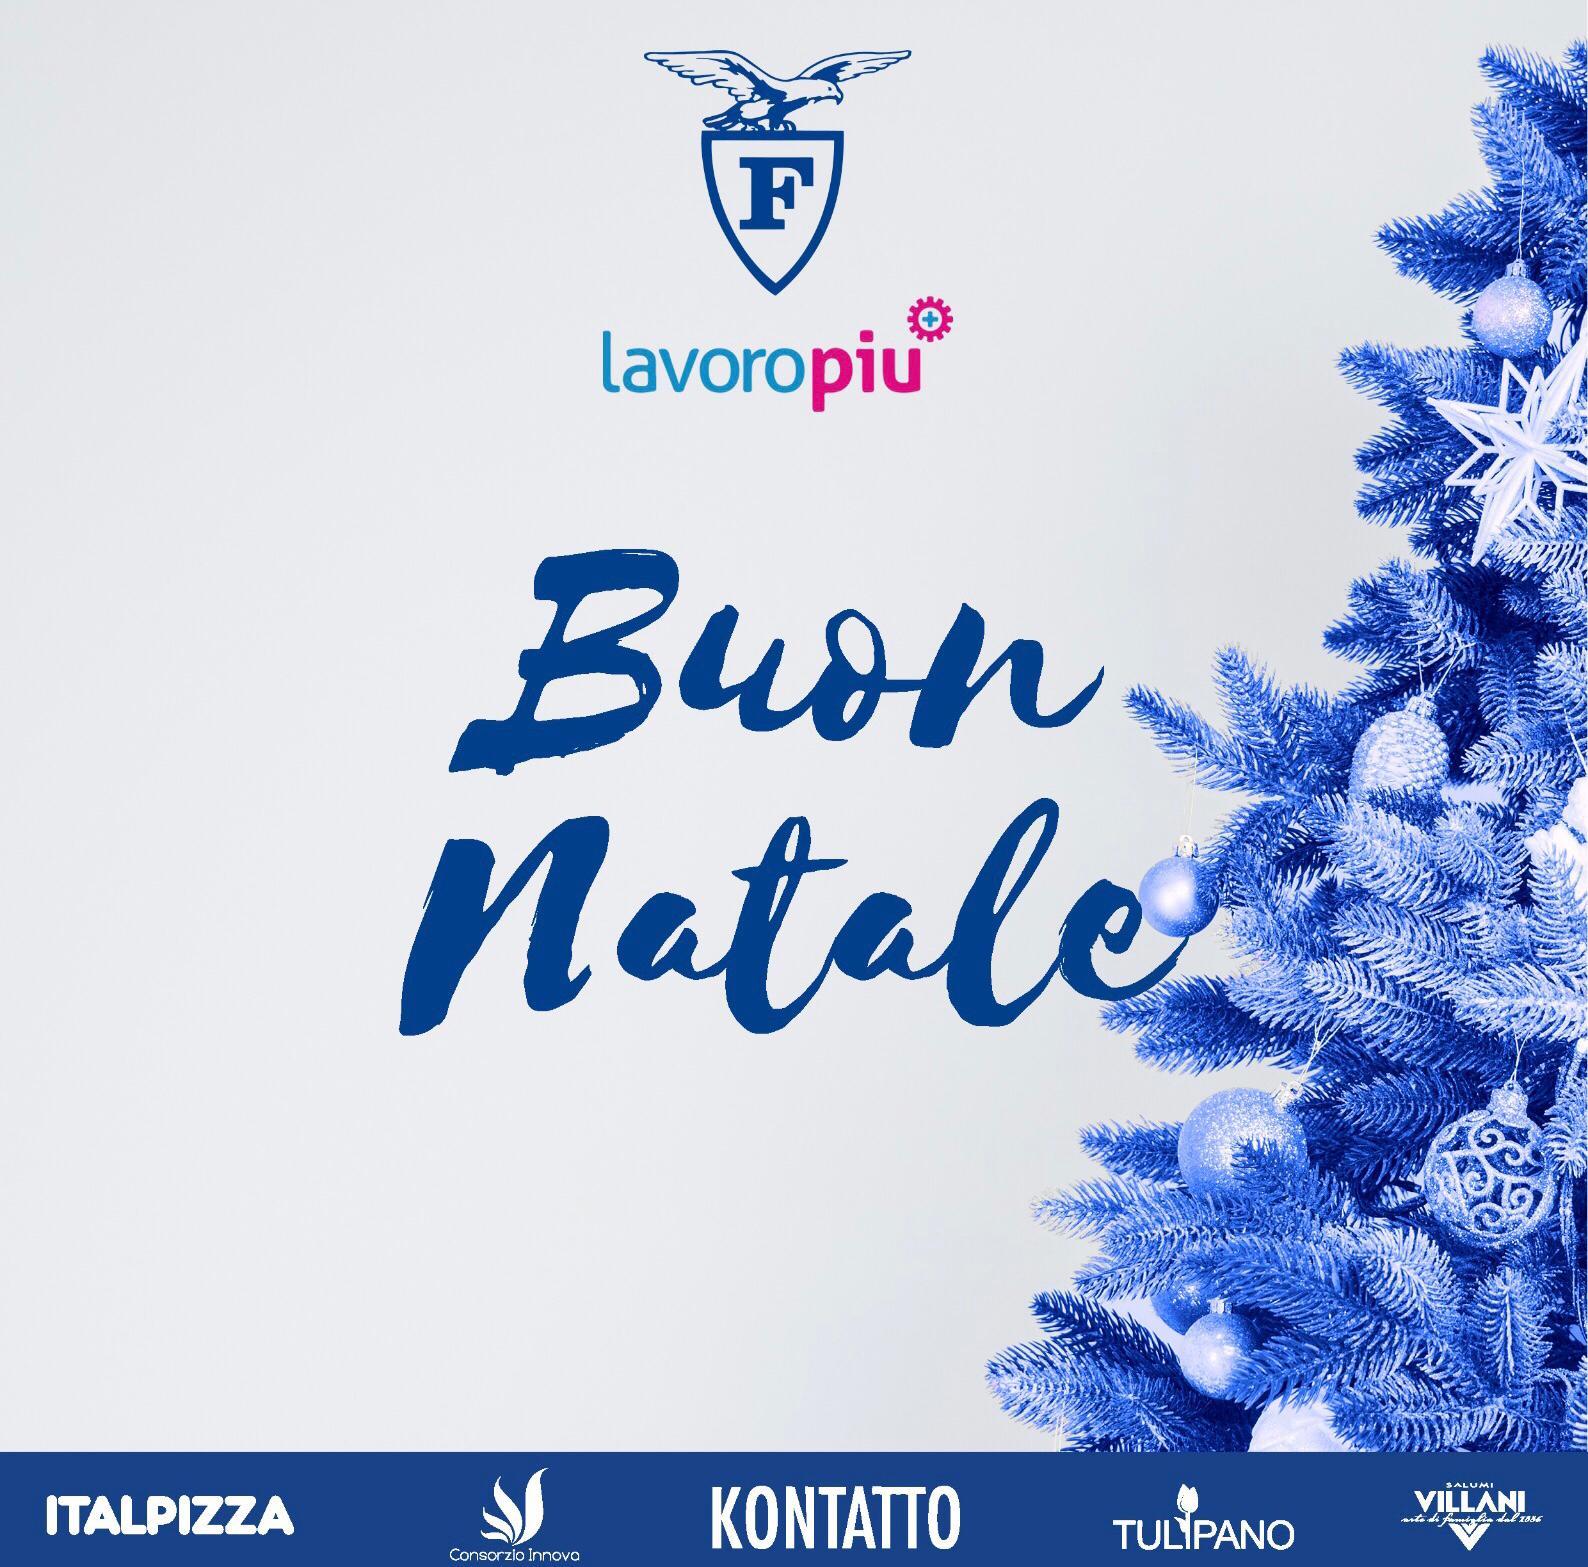 I Migliori Auguri Di Buon Natale.25 Dicembre 2018 Buon Natale A Tutti Voi Fortitudo Bologna 103